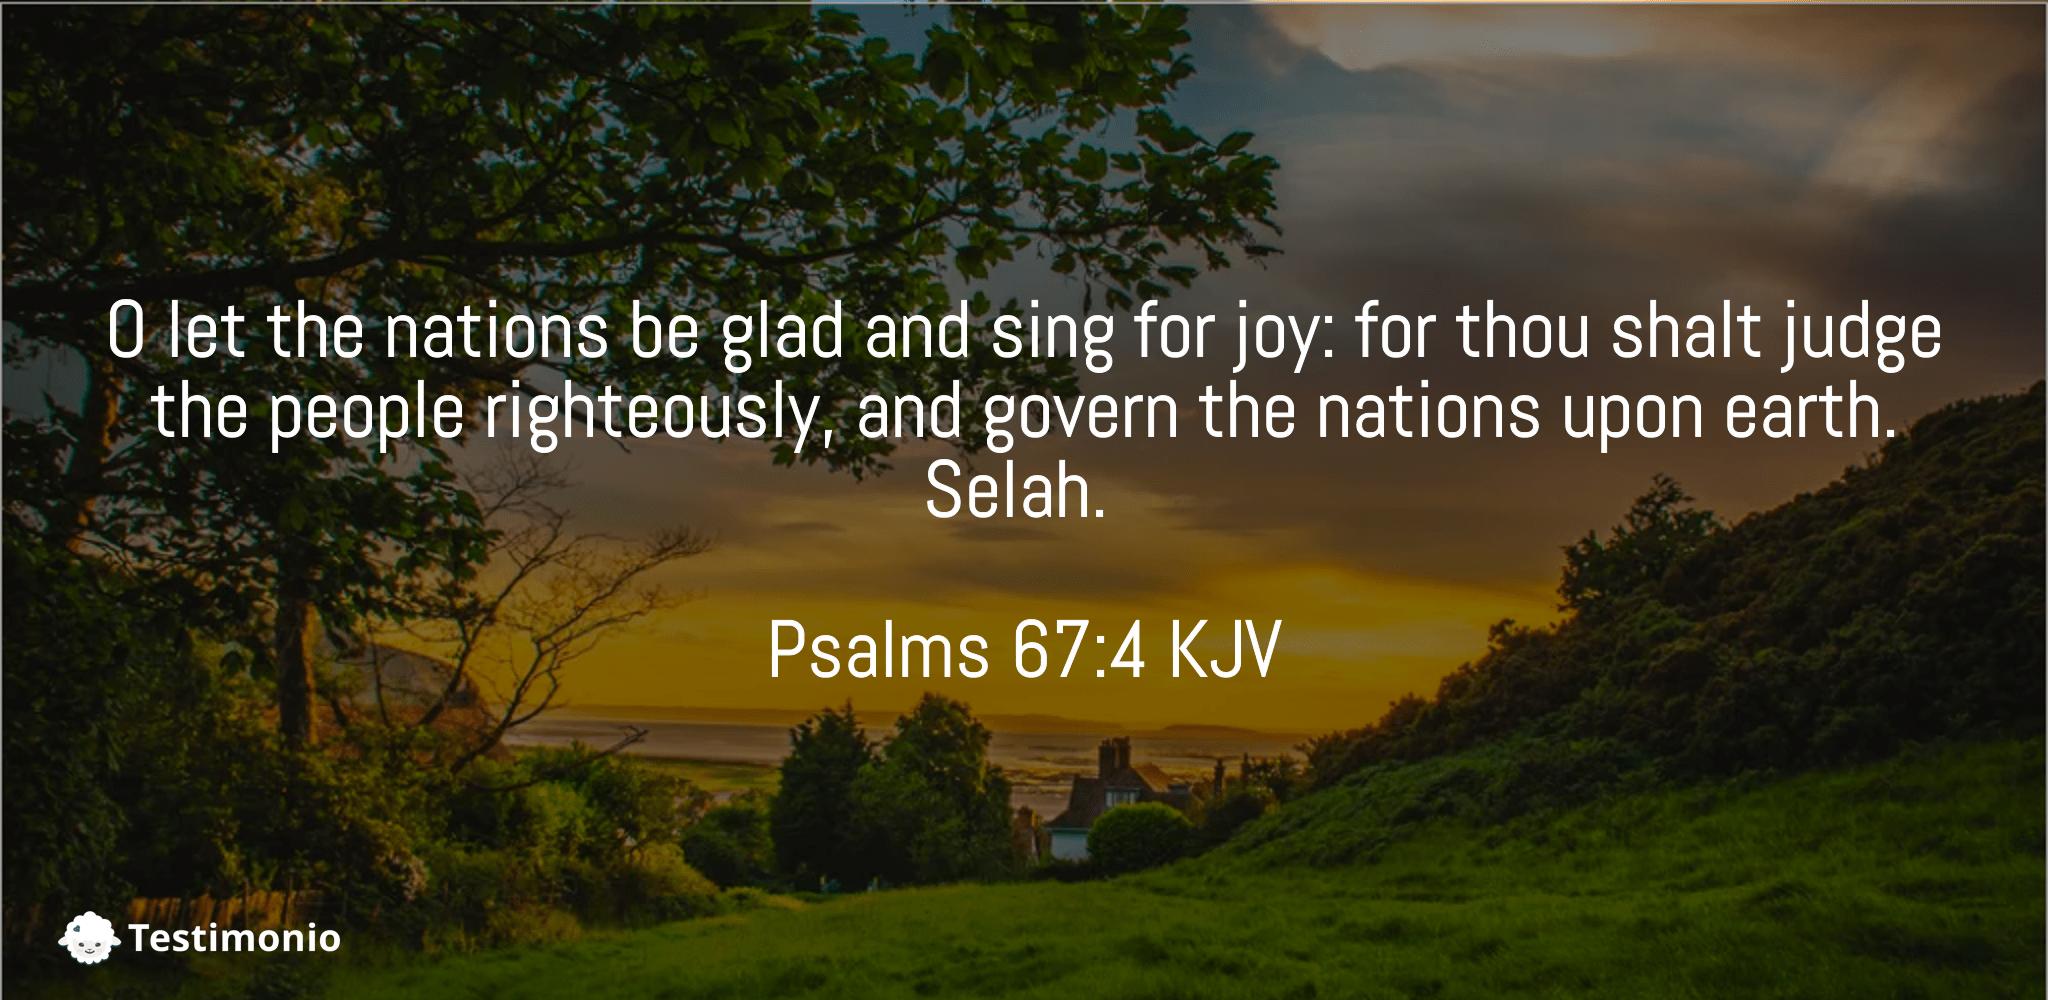 Psalms 67:4